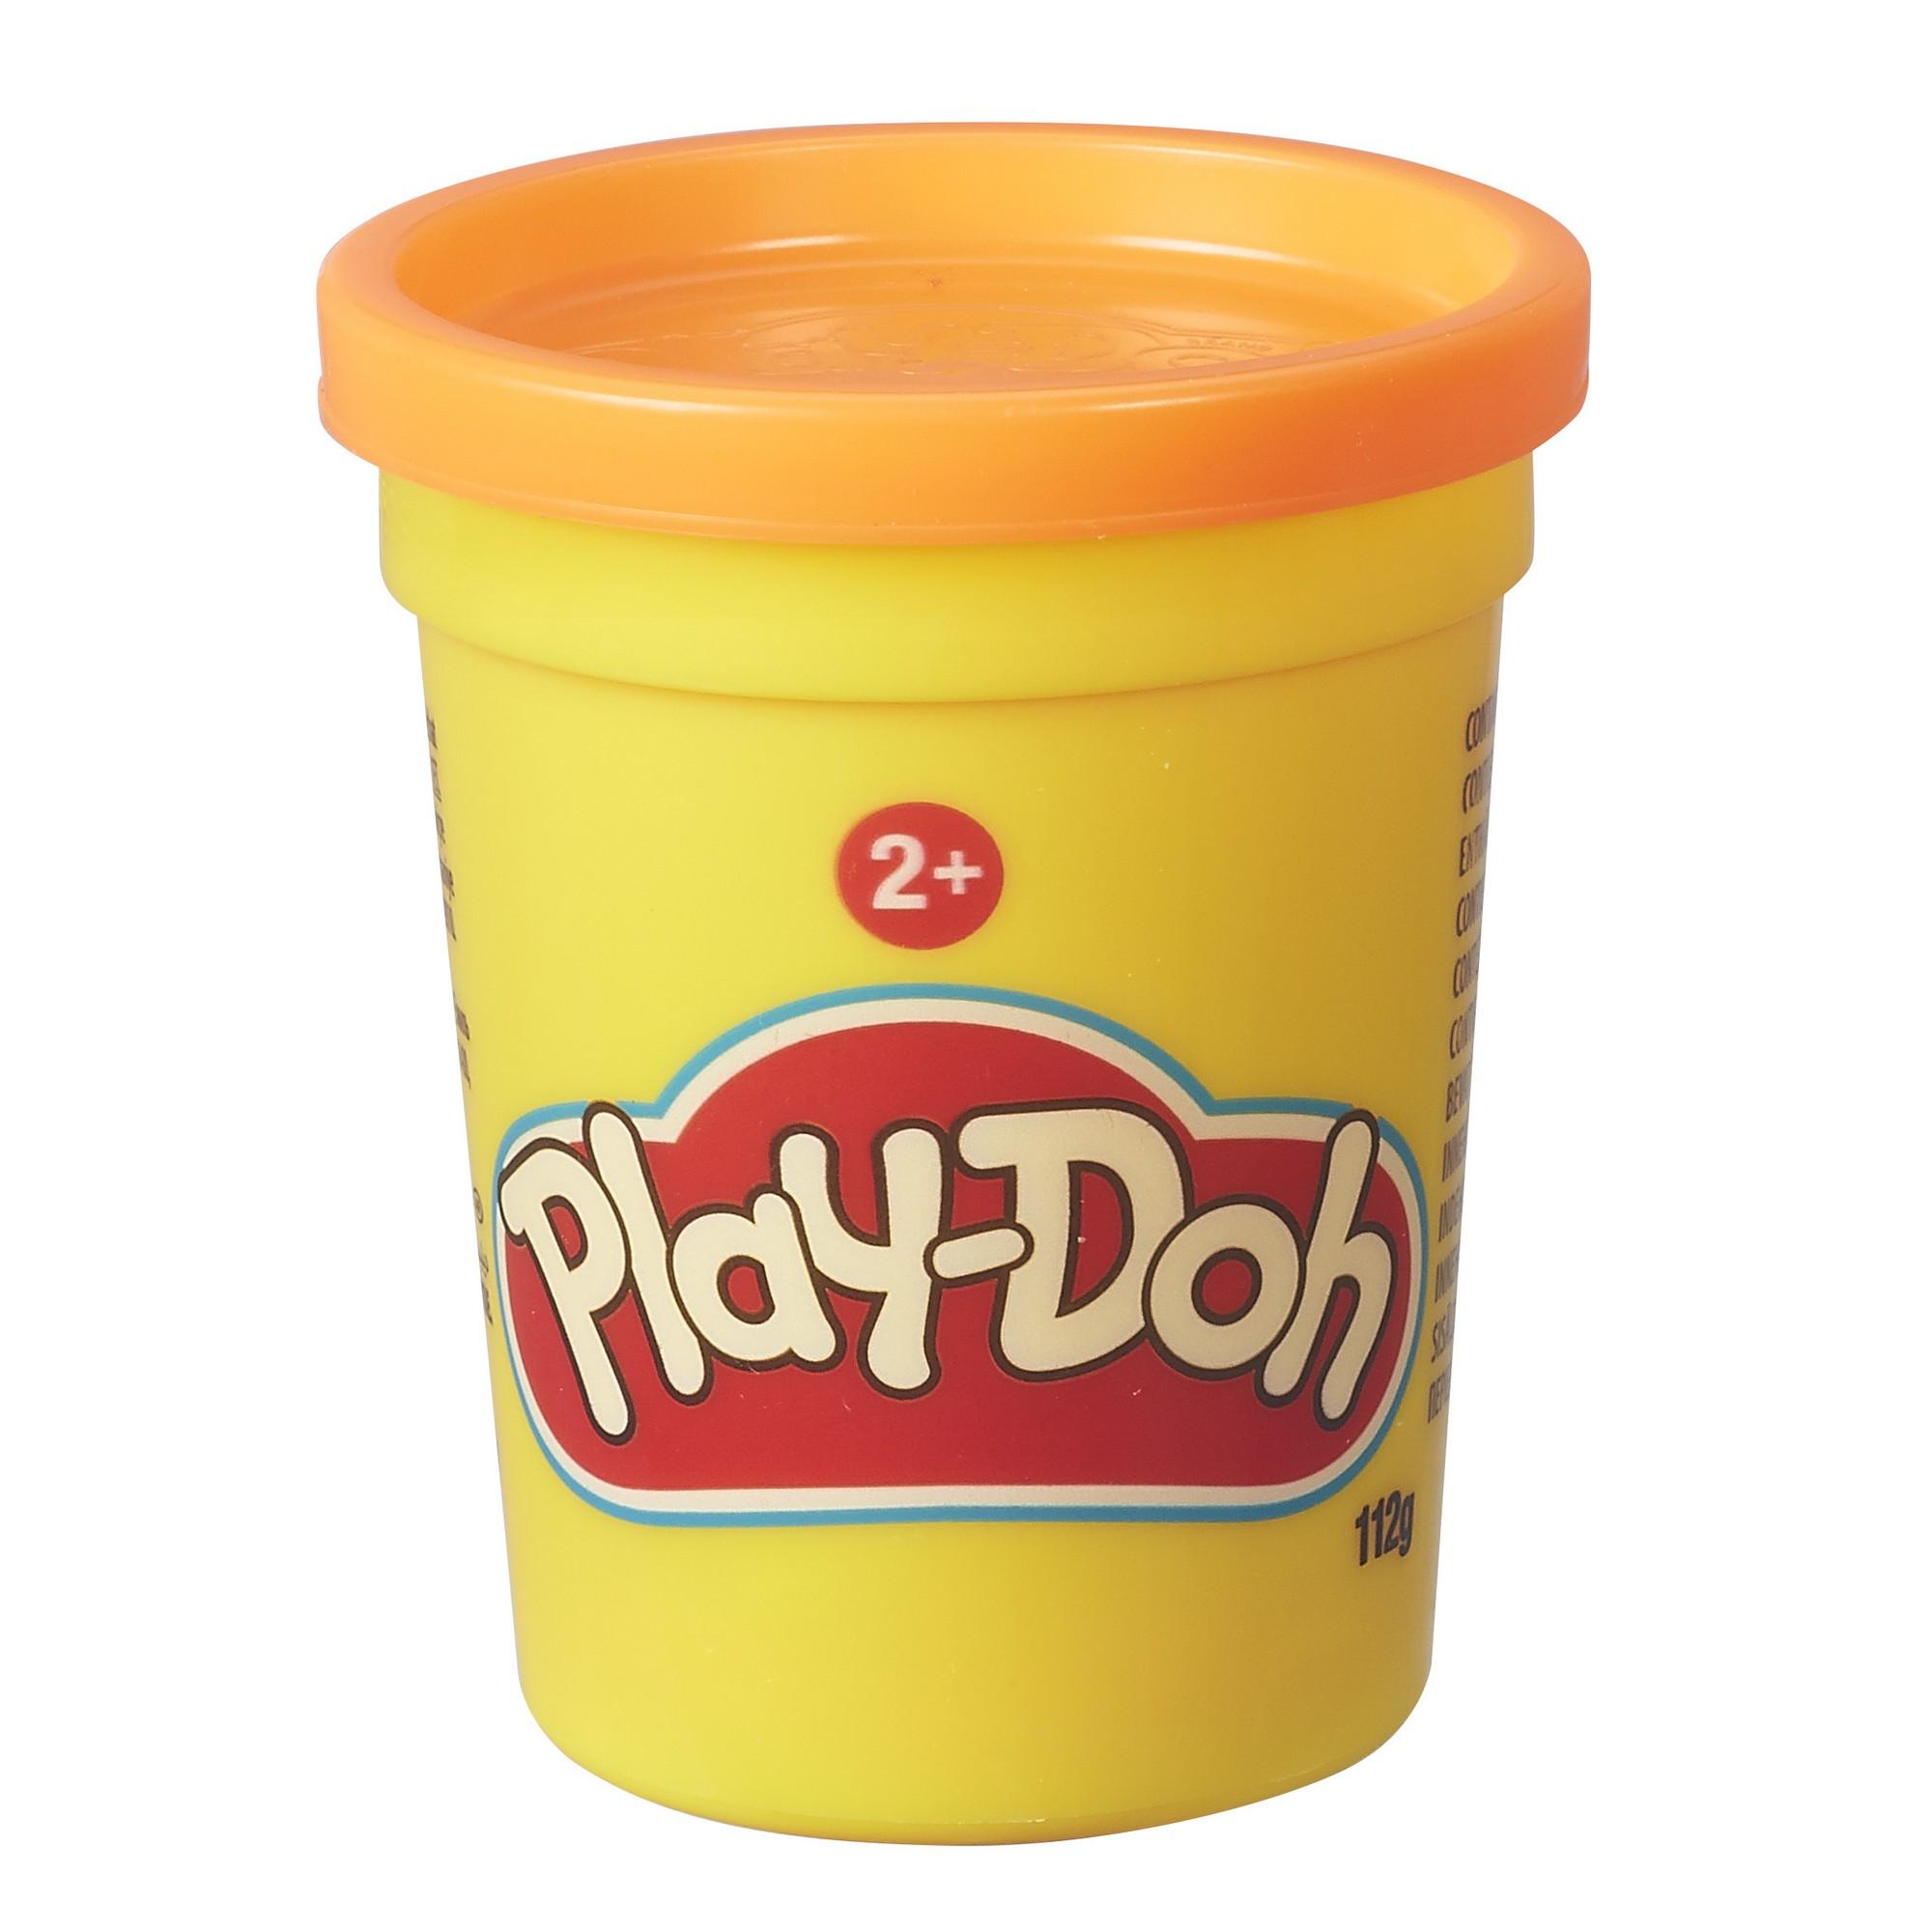 Купить Пластилин Hasbro Play-Doh в банке, цвет оранжевый, Наборы для лепки Play-Doh